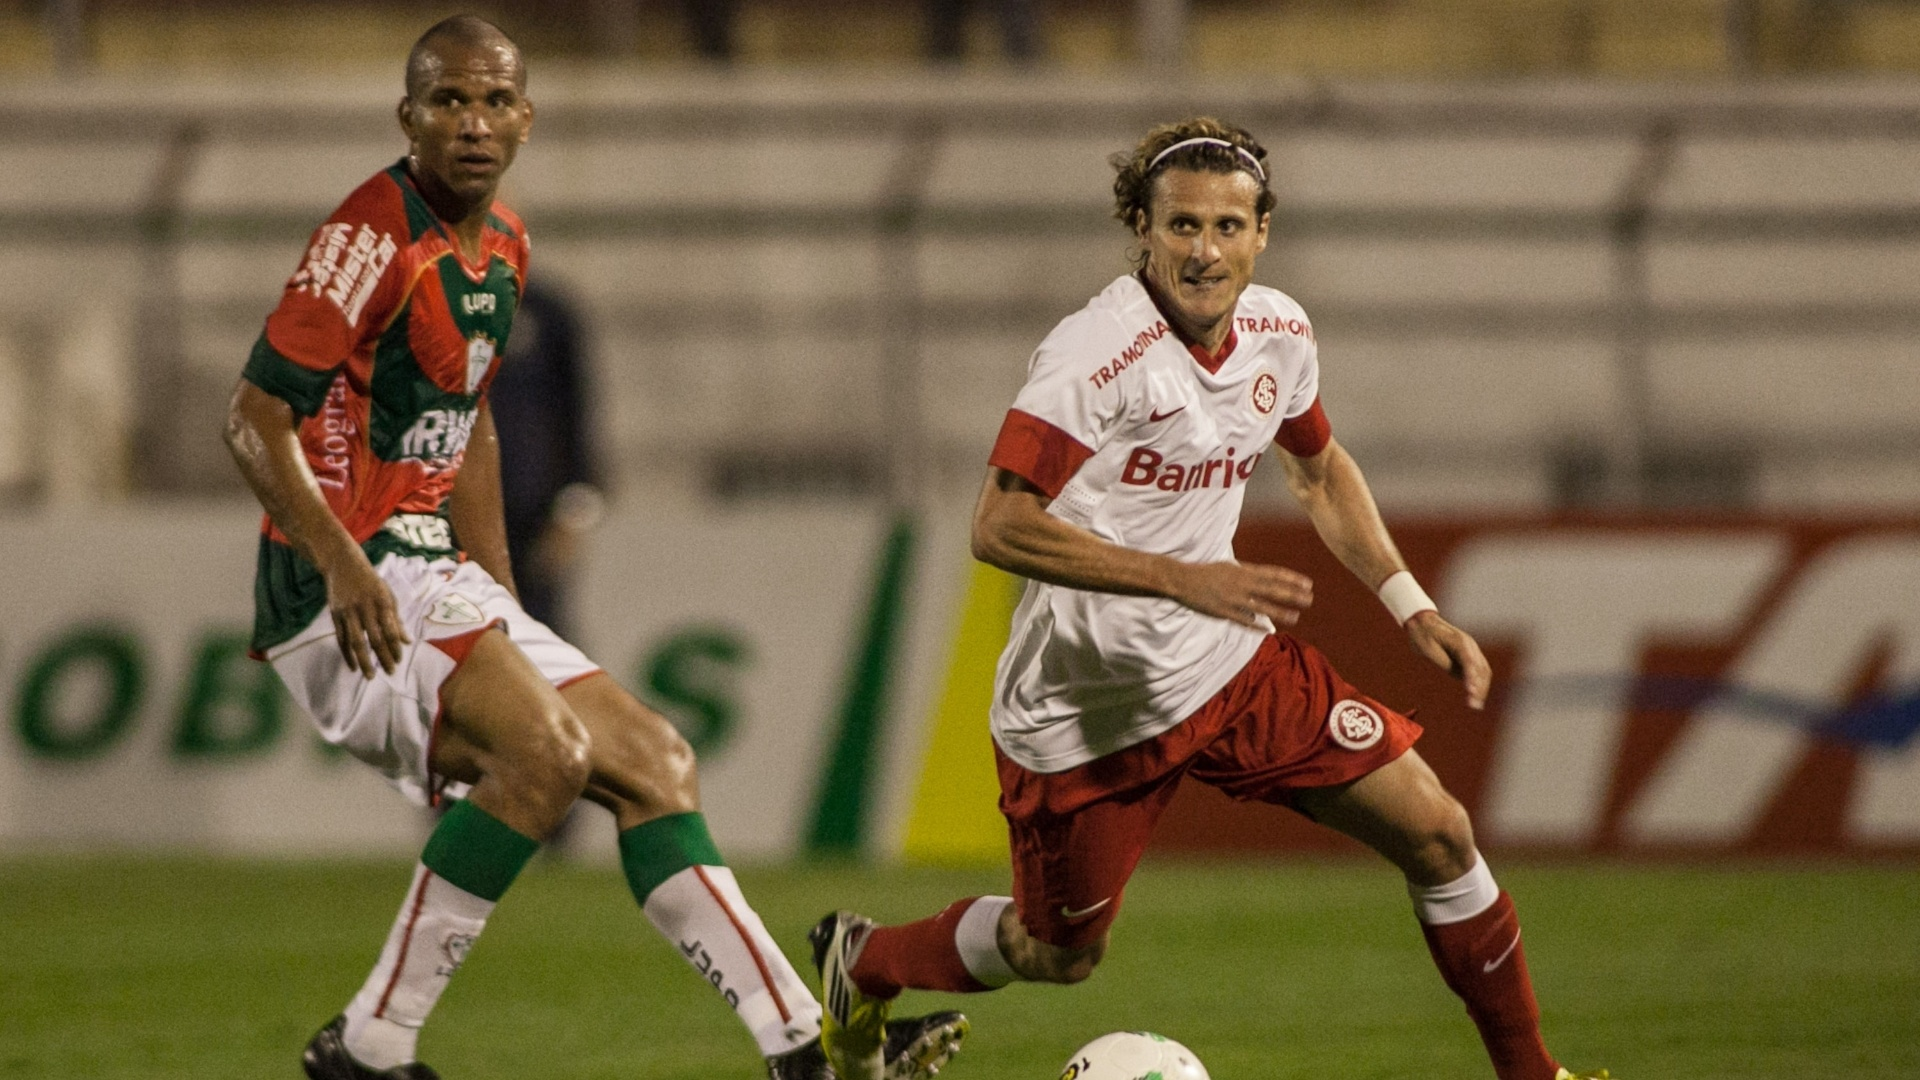 Forlán conduz a bola e passa pela marcação de jogador da Portuguesa durante empate no Canindé